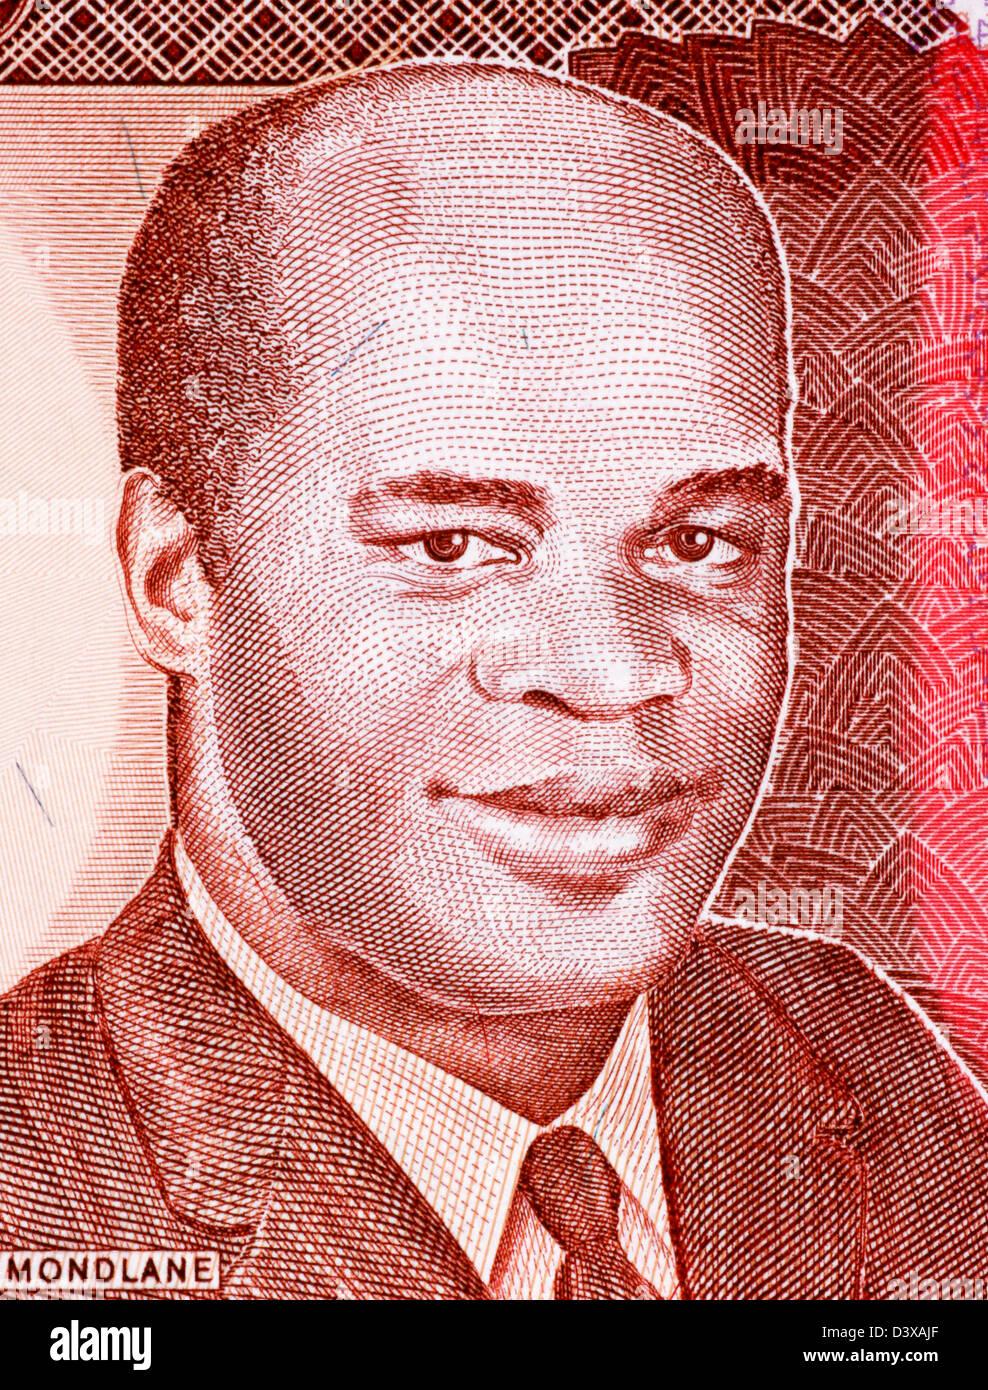 Ny president i mocambique